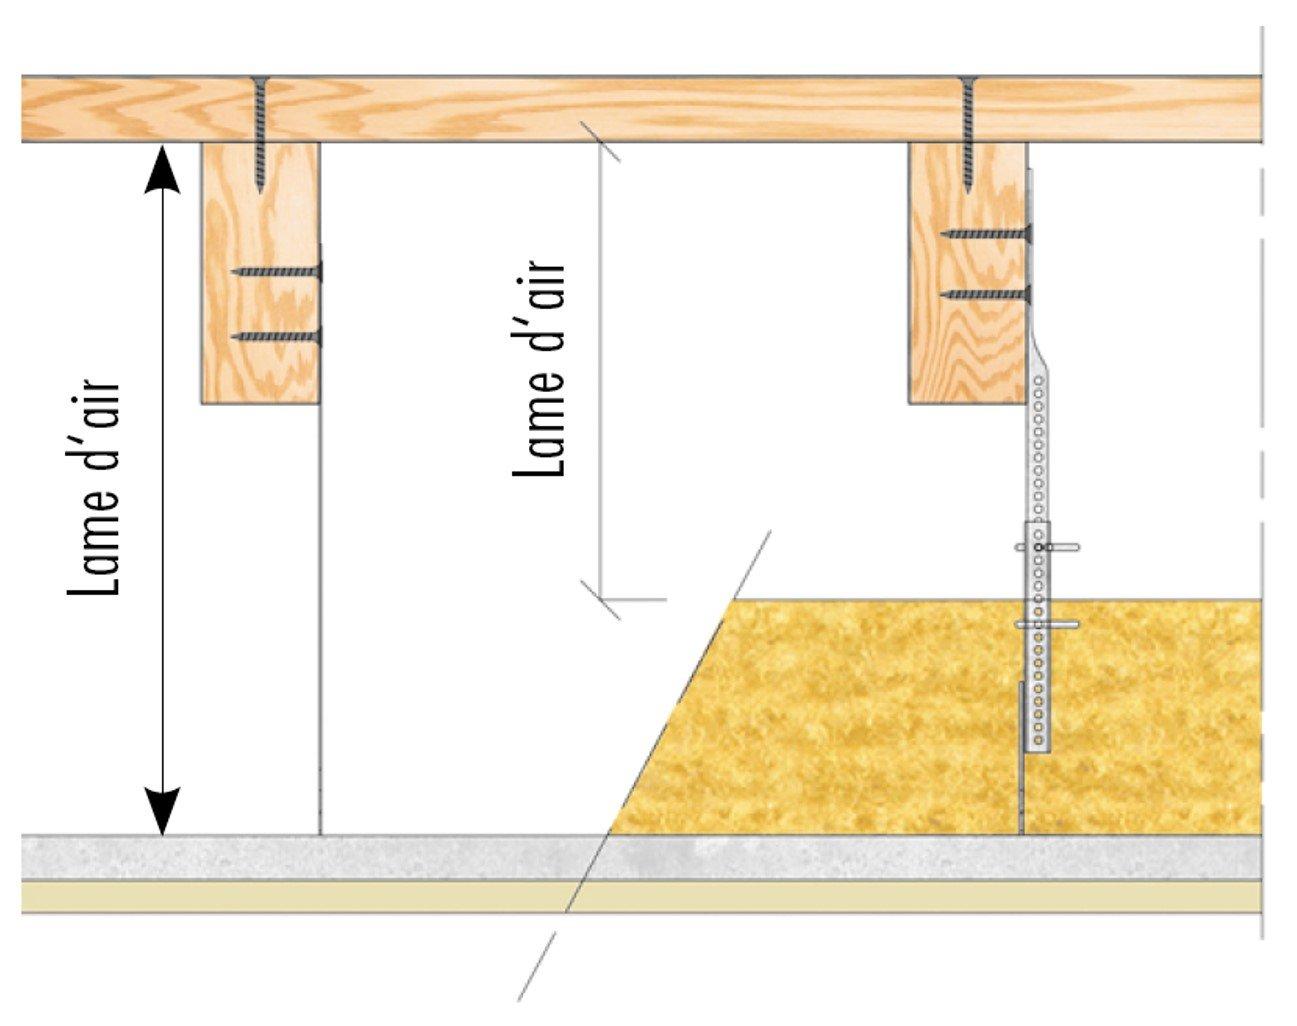 Plafond Knauf Métal - PLAFONDS SOUS PLANCHER BOIS